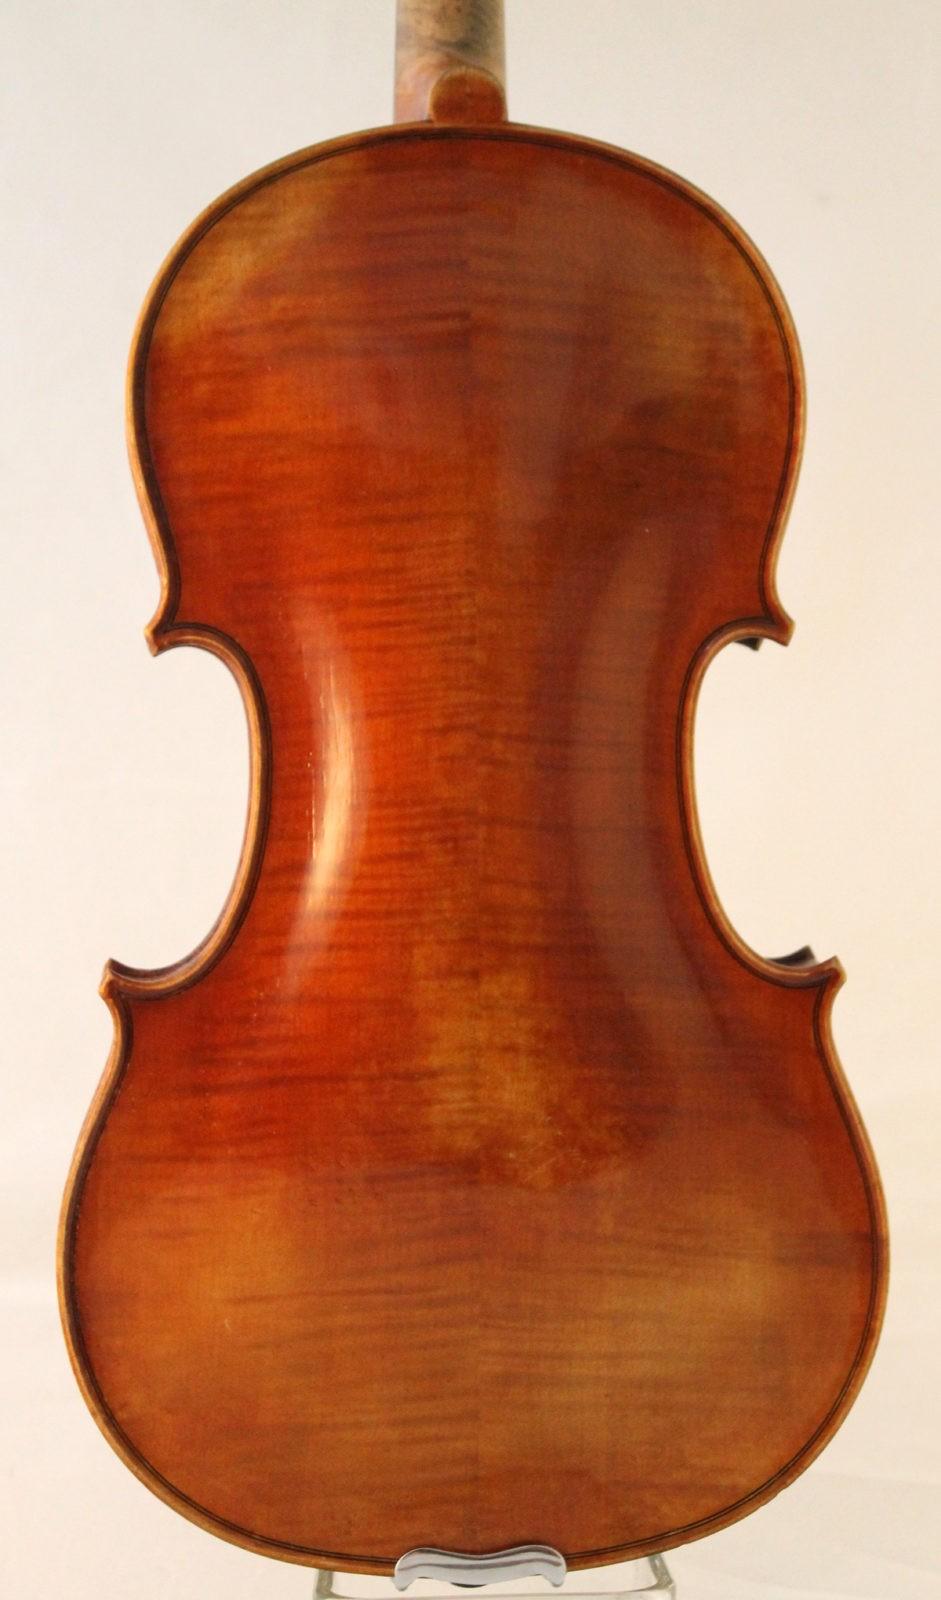 collin-mezin violin back